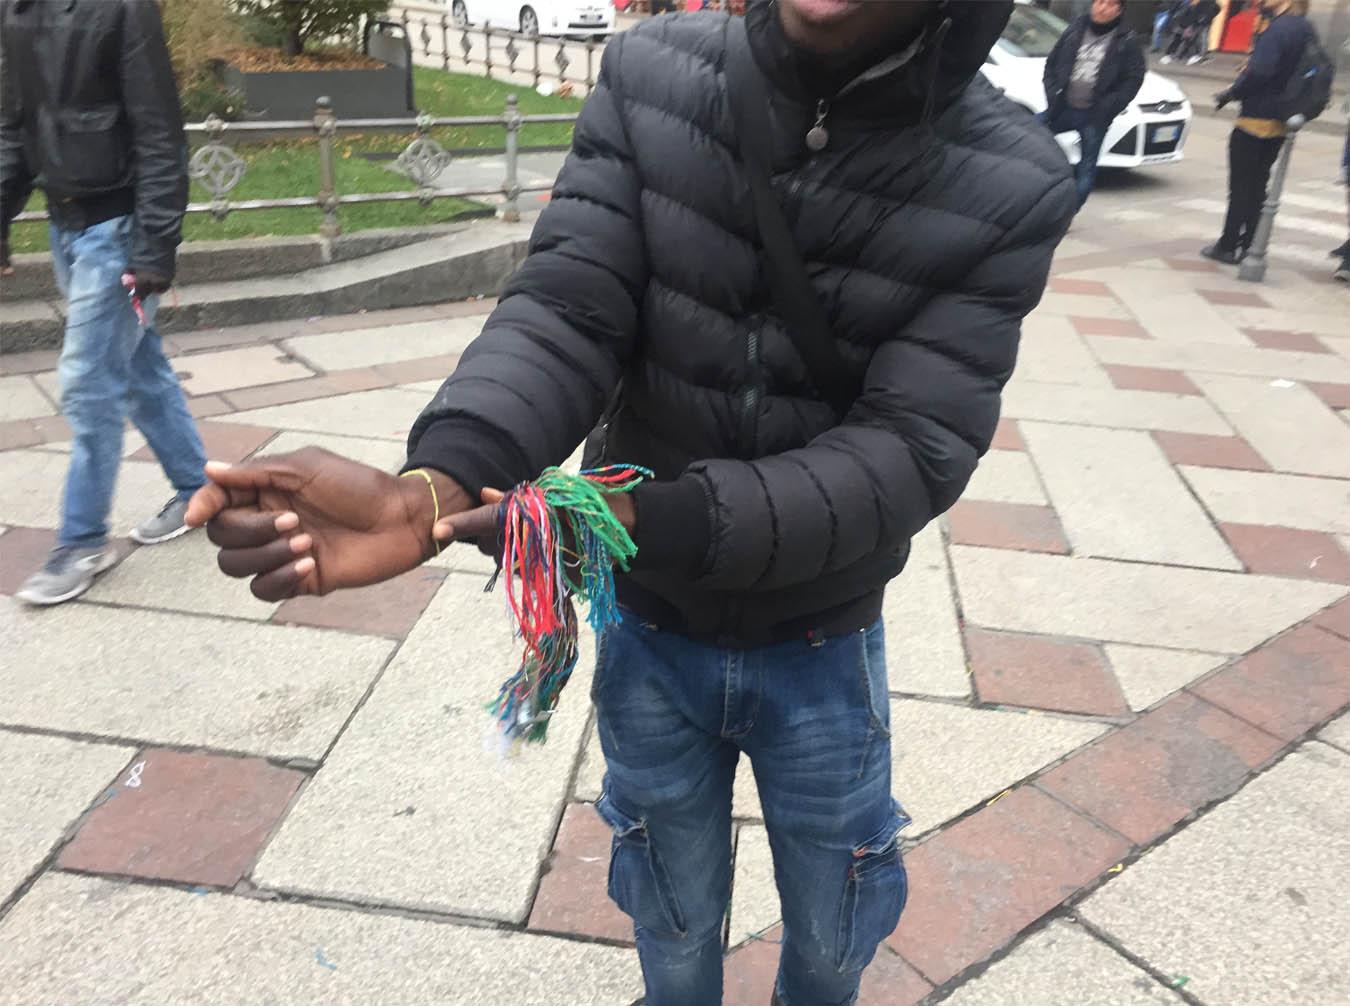 В Милане на площади у Дуомо дельцы раздают браслеты из ниток. Сначала браслет повяжут на руку, а потом не отвяжутся, пока не дадите денег